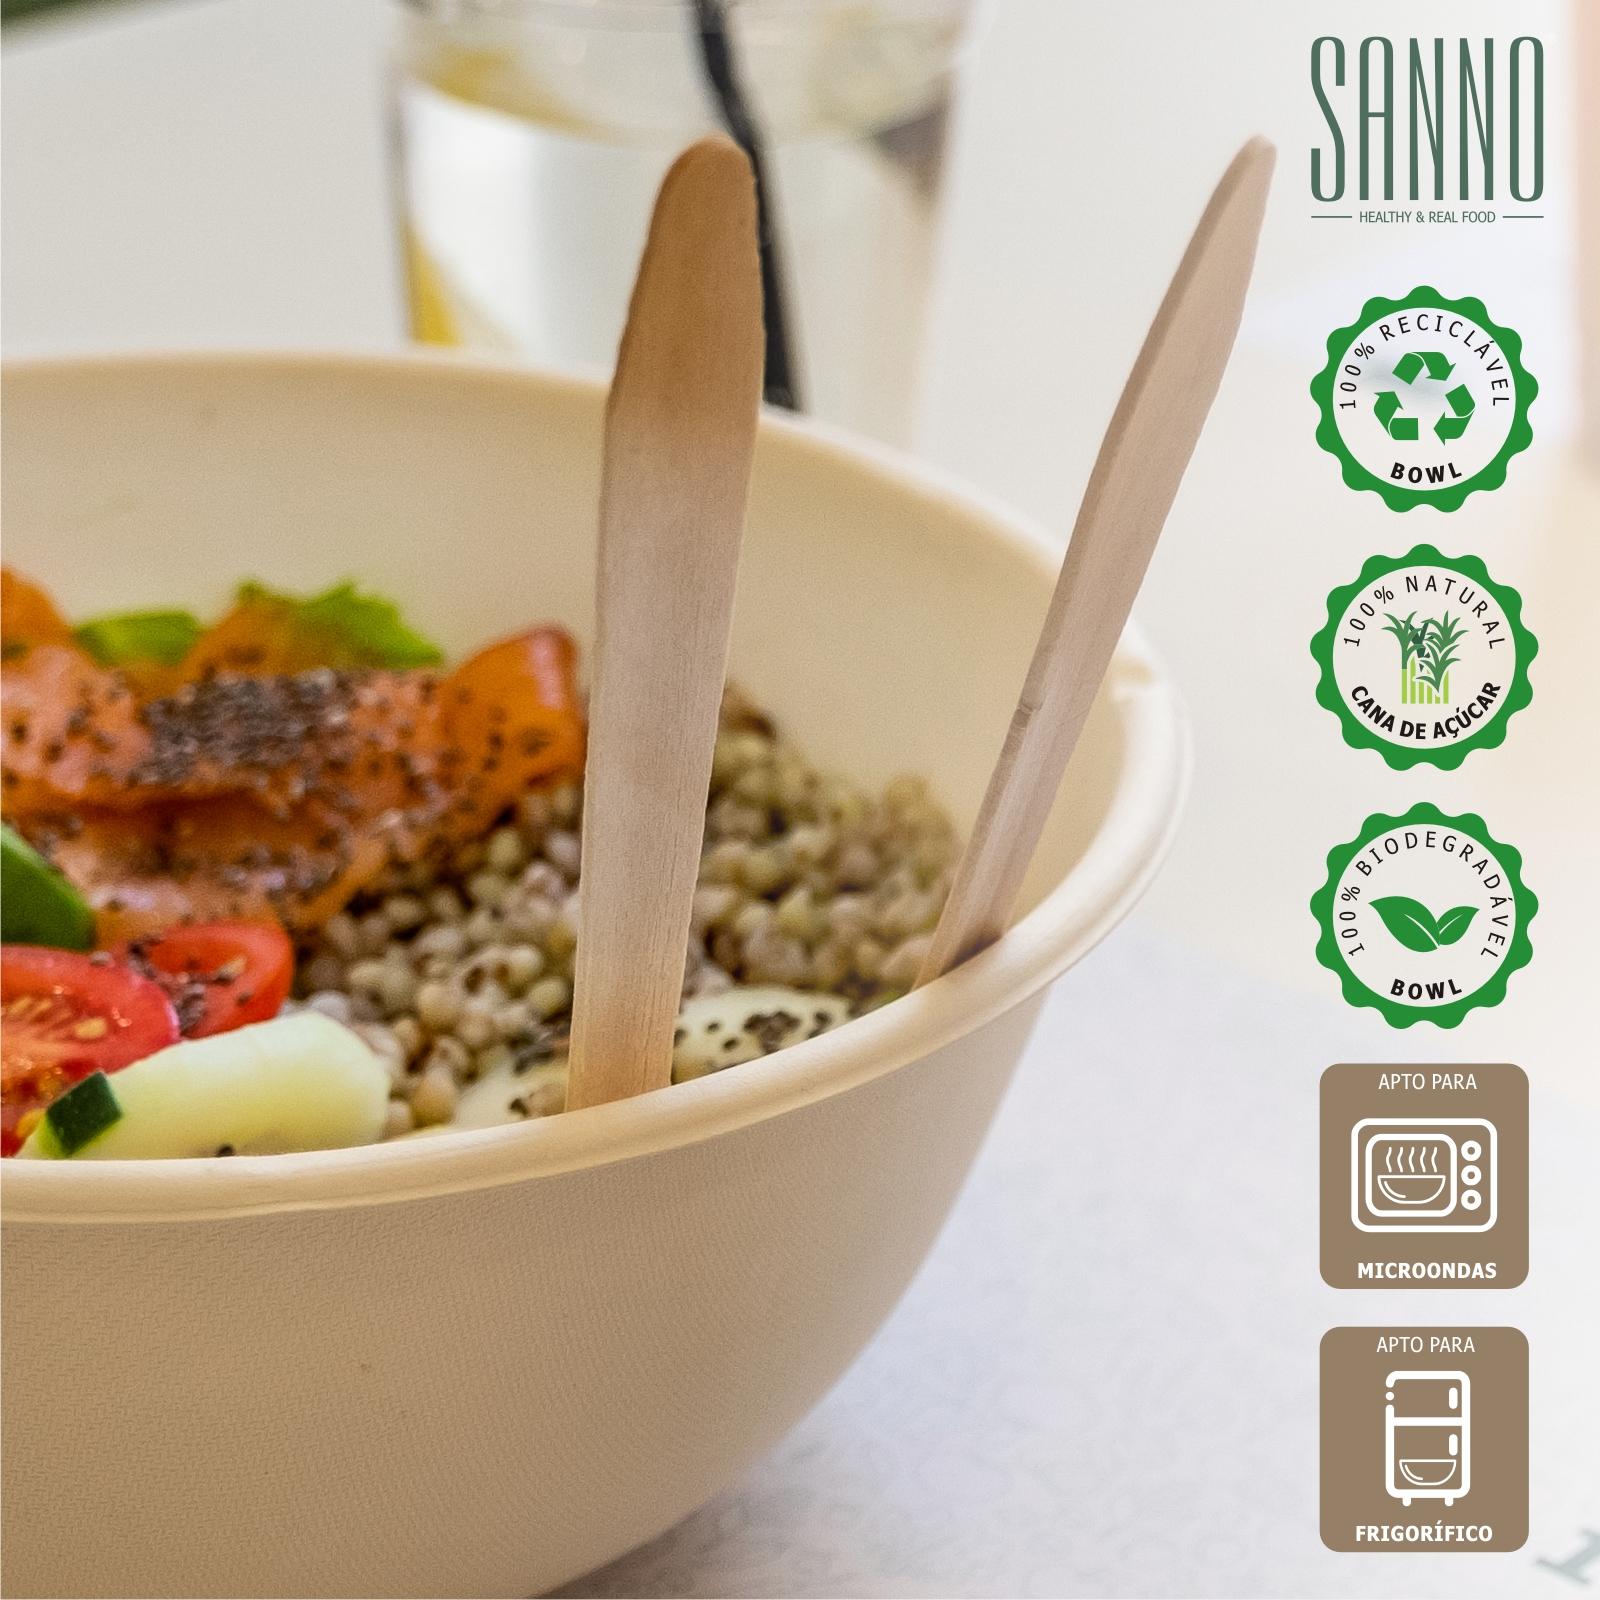 SANNO - Bowls biodegradáveis, recicláveis, origem natural, aptas para frigorífico e microondas